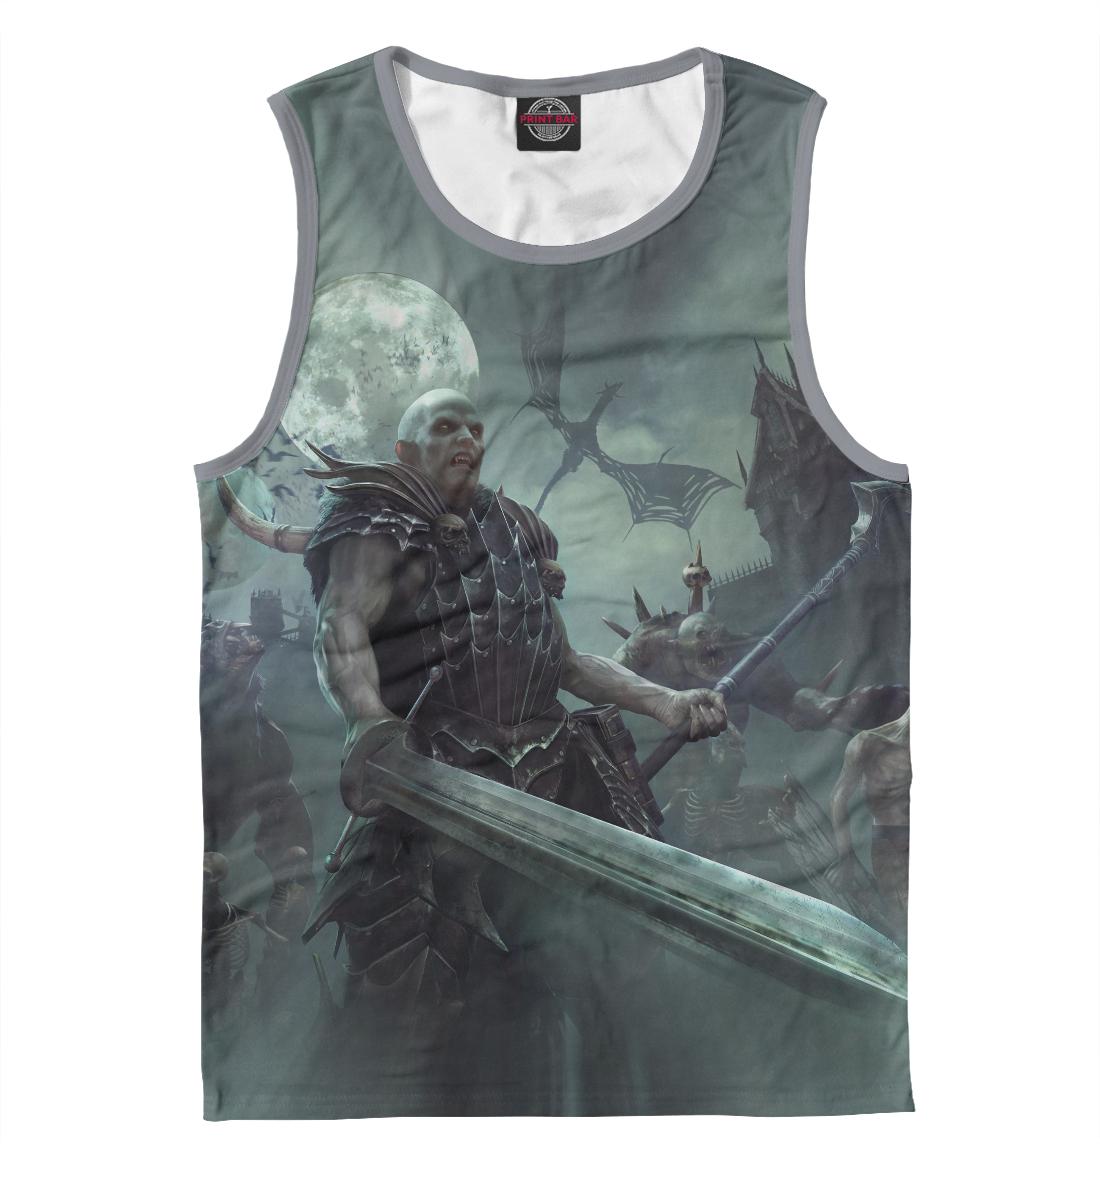 Купить Warhammer. Вампир, Printbar, Майки, WHR-417575-may-2